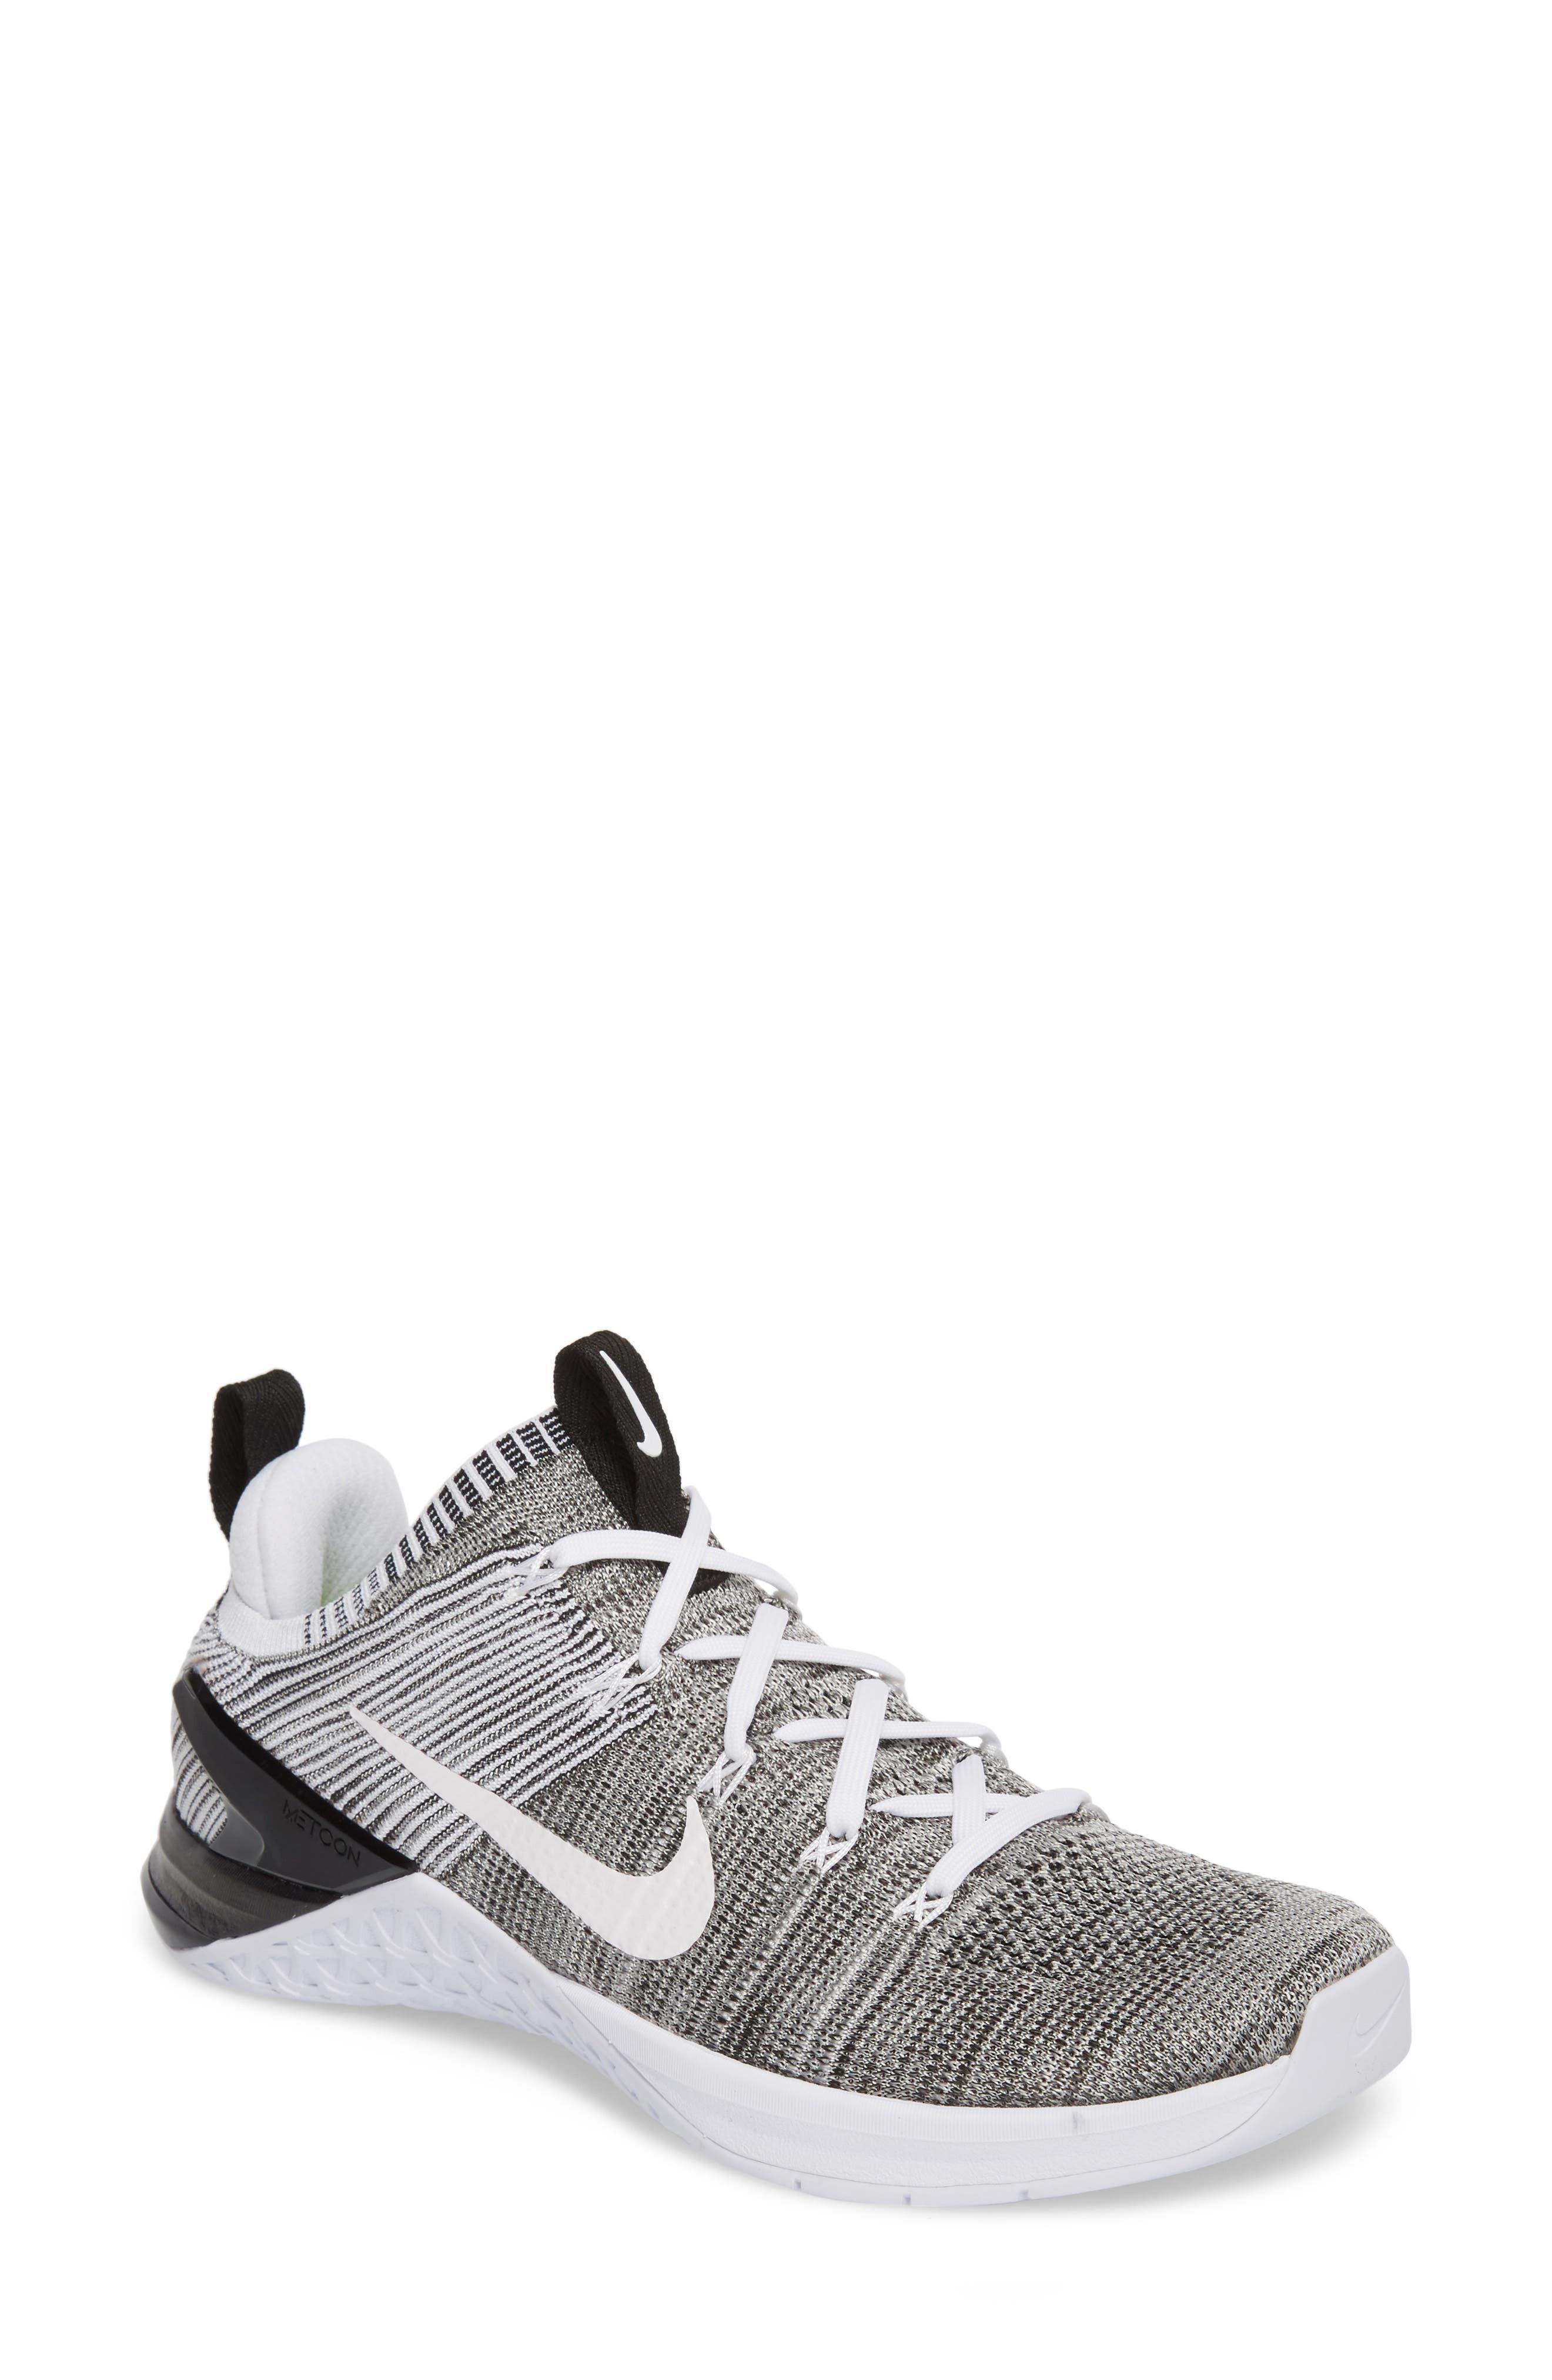 Nike Metcon DSX Flyknit 2 Training Shoe (Women)